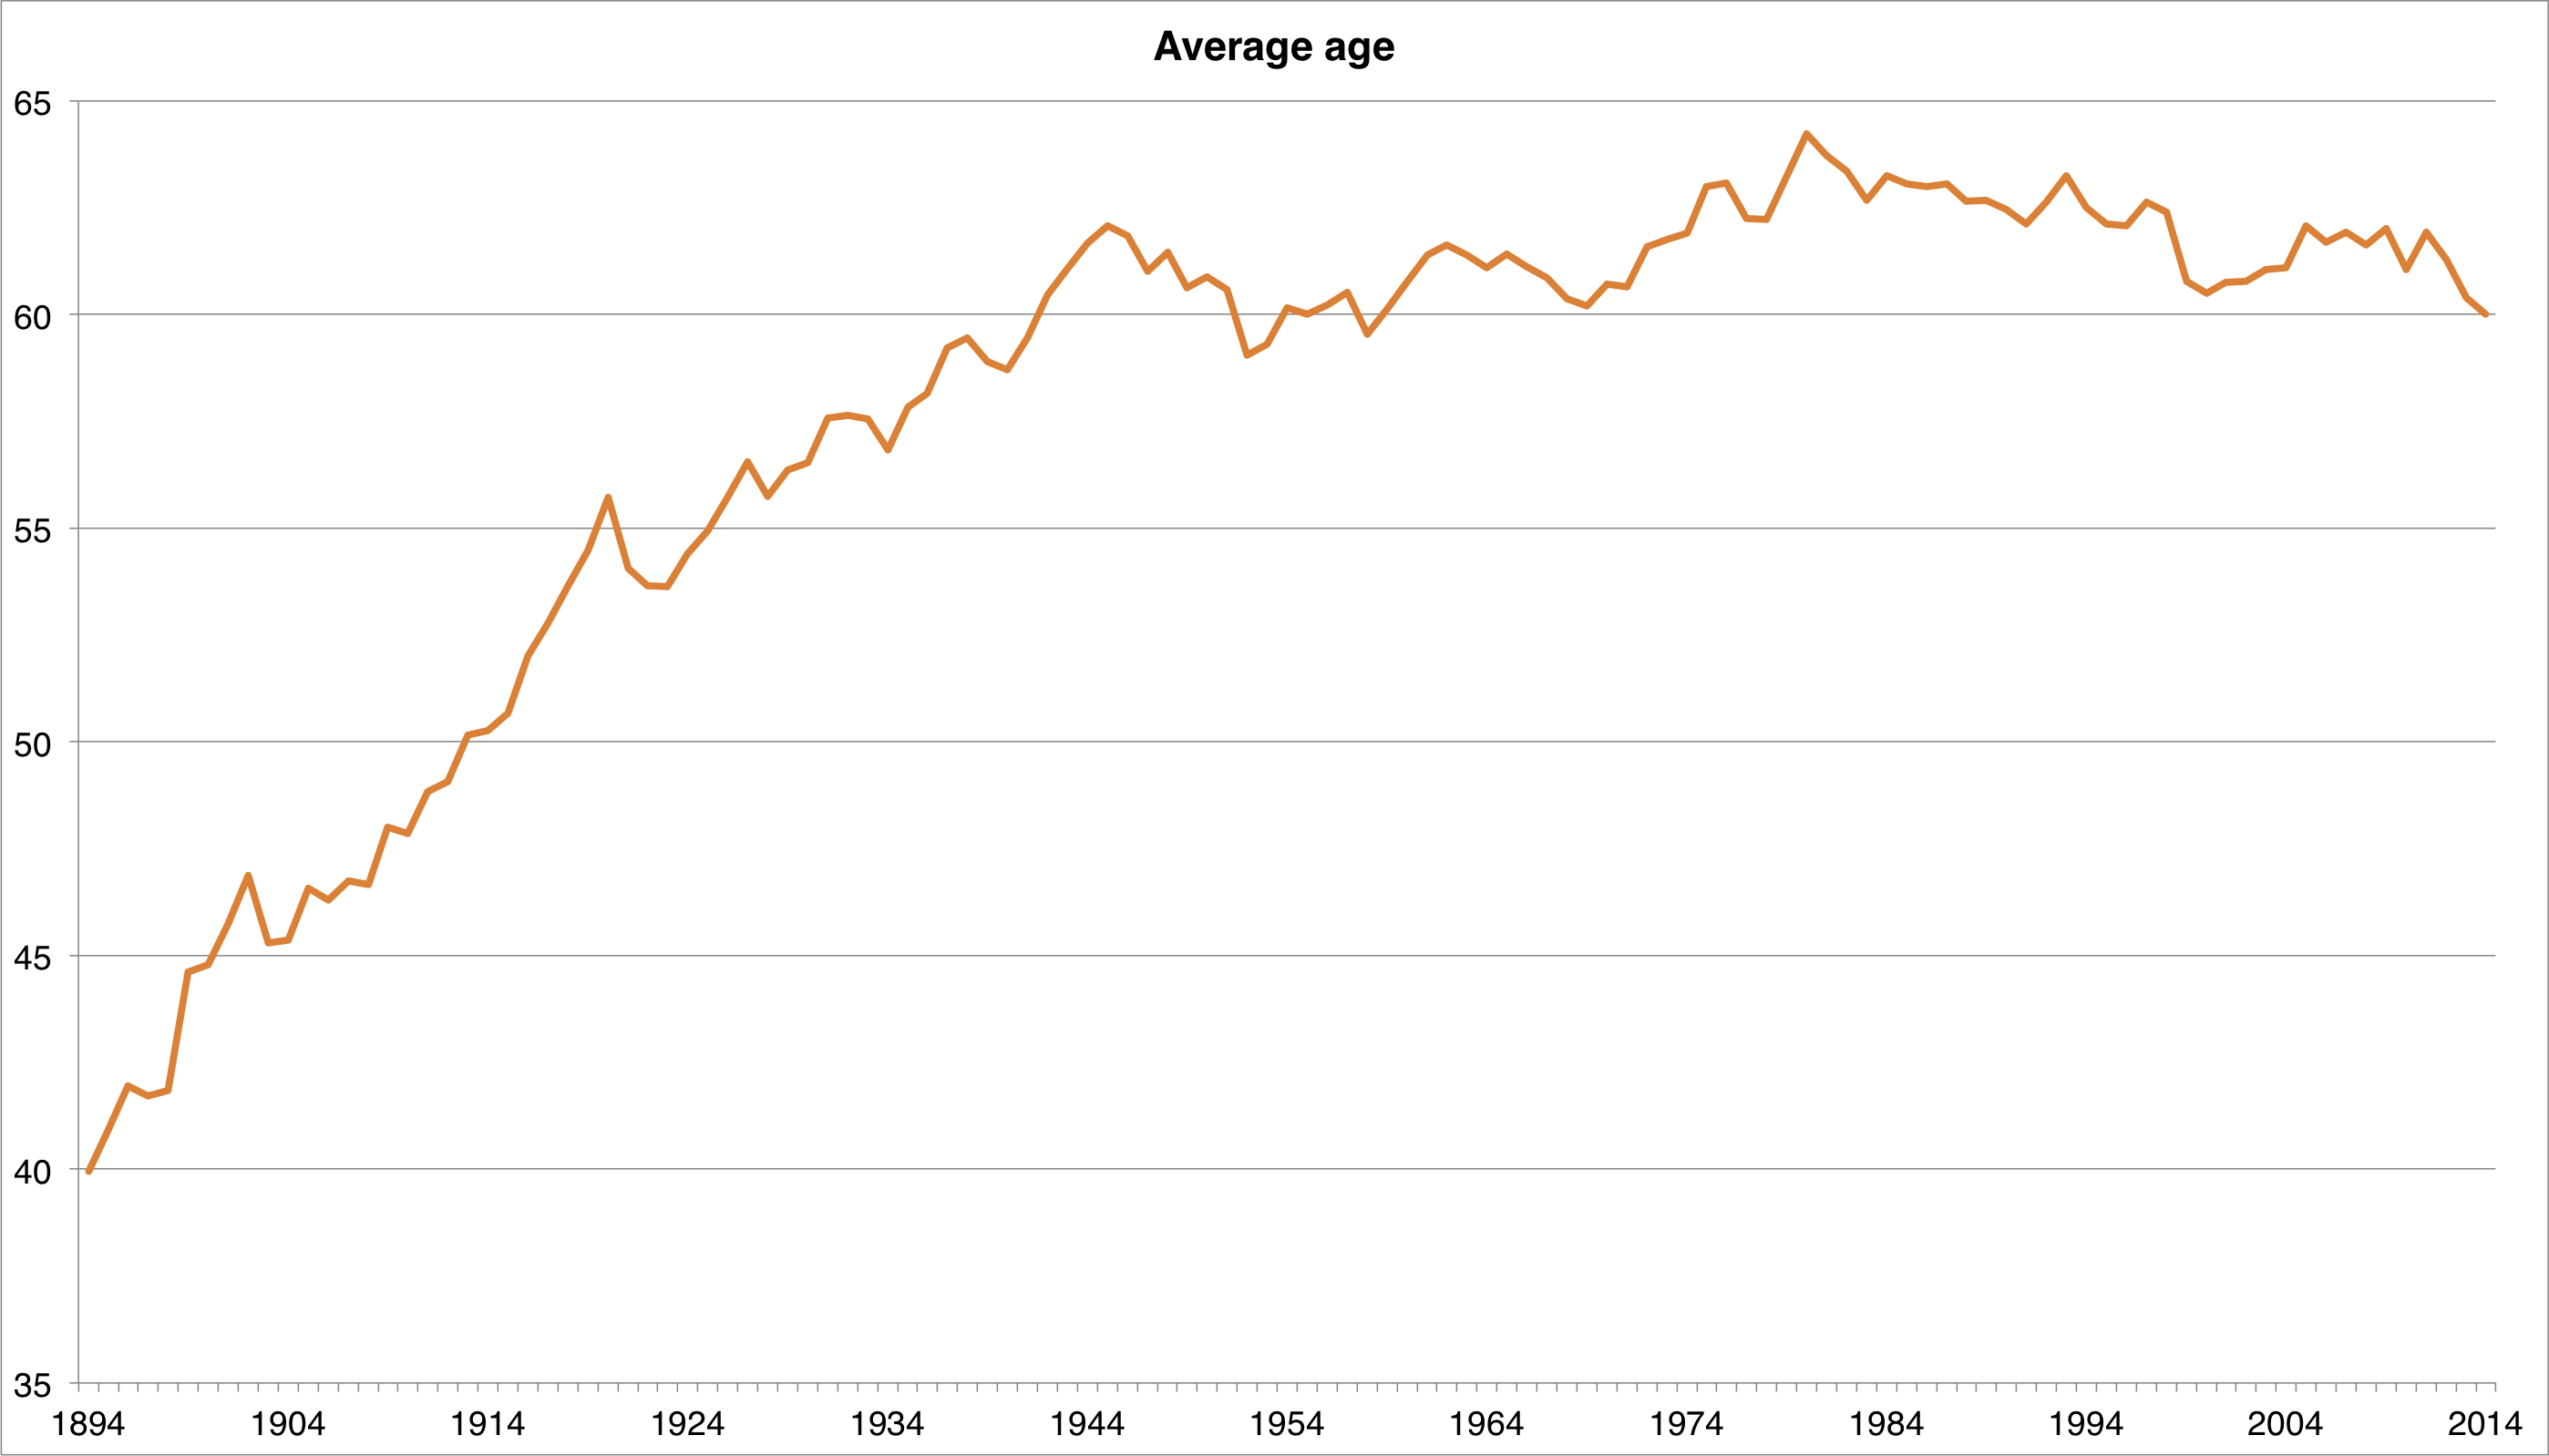 Average age